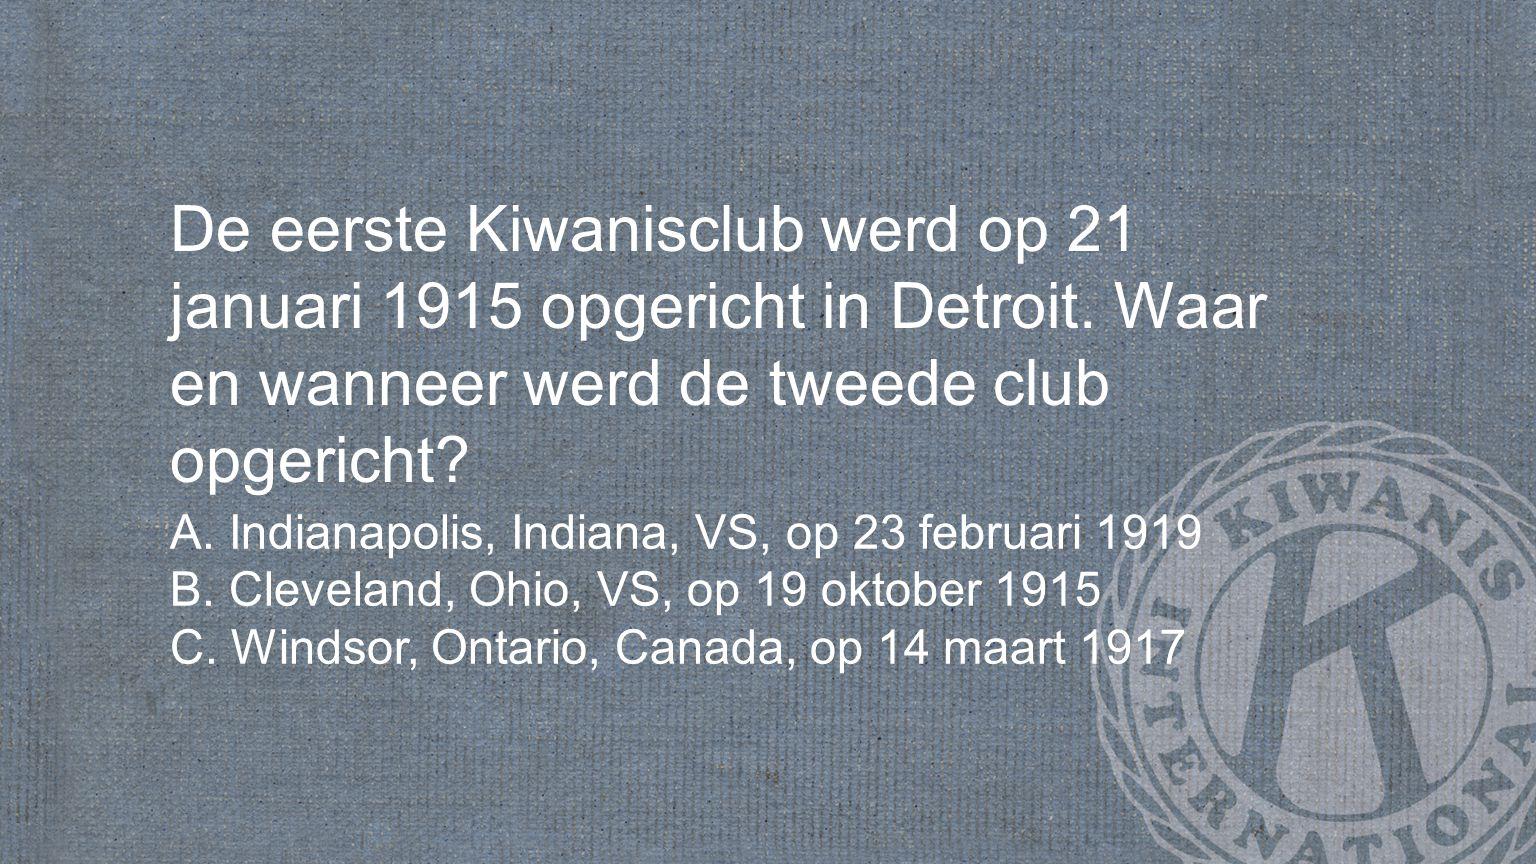 De eerste Kiwanisclub werd op 21 januari 1915 opgericht in Detroit.